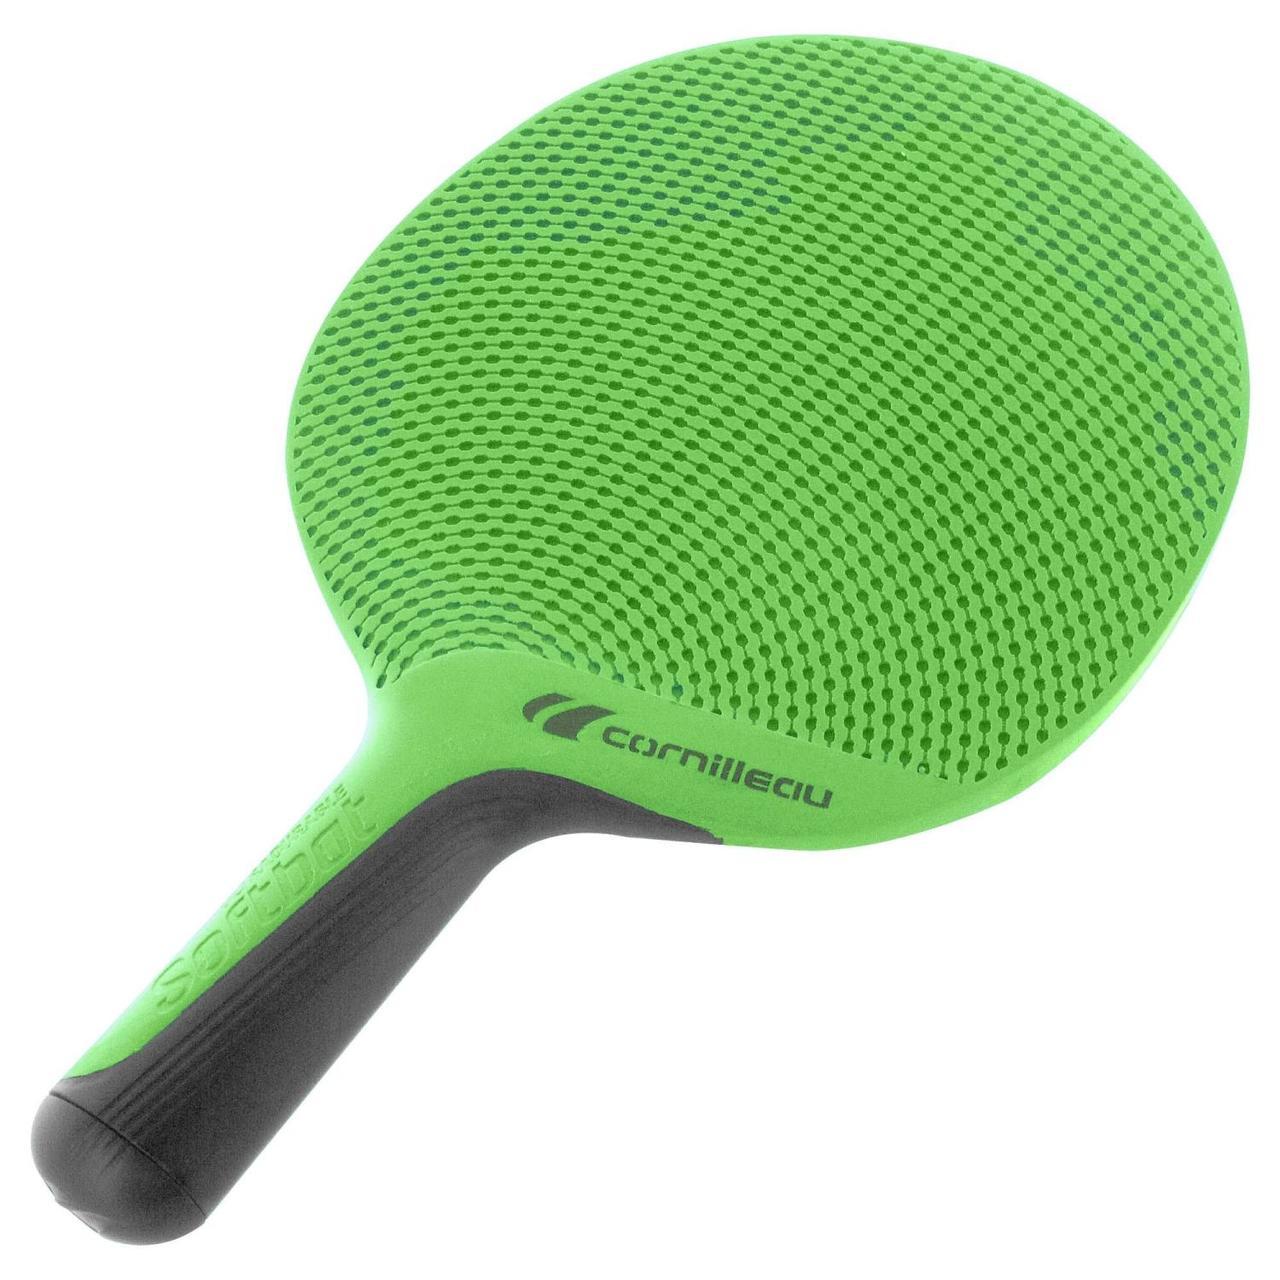 ... Ракетка для настольного тенниса Cornilleau Softbat (зелёная) 1030241209e1c